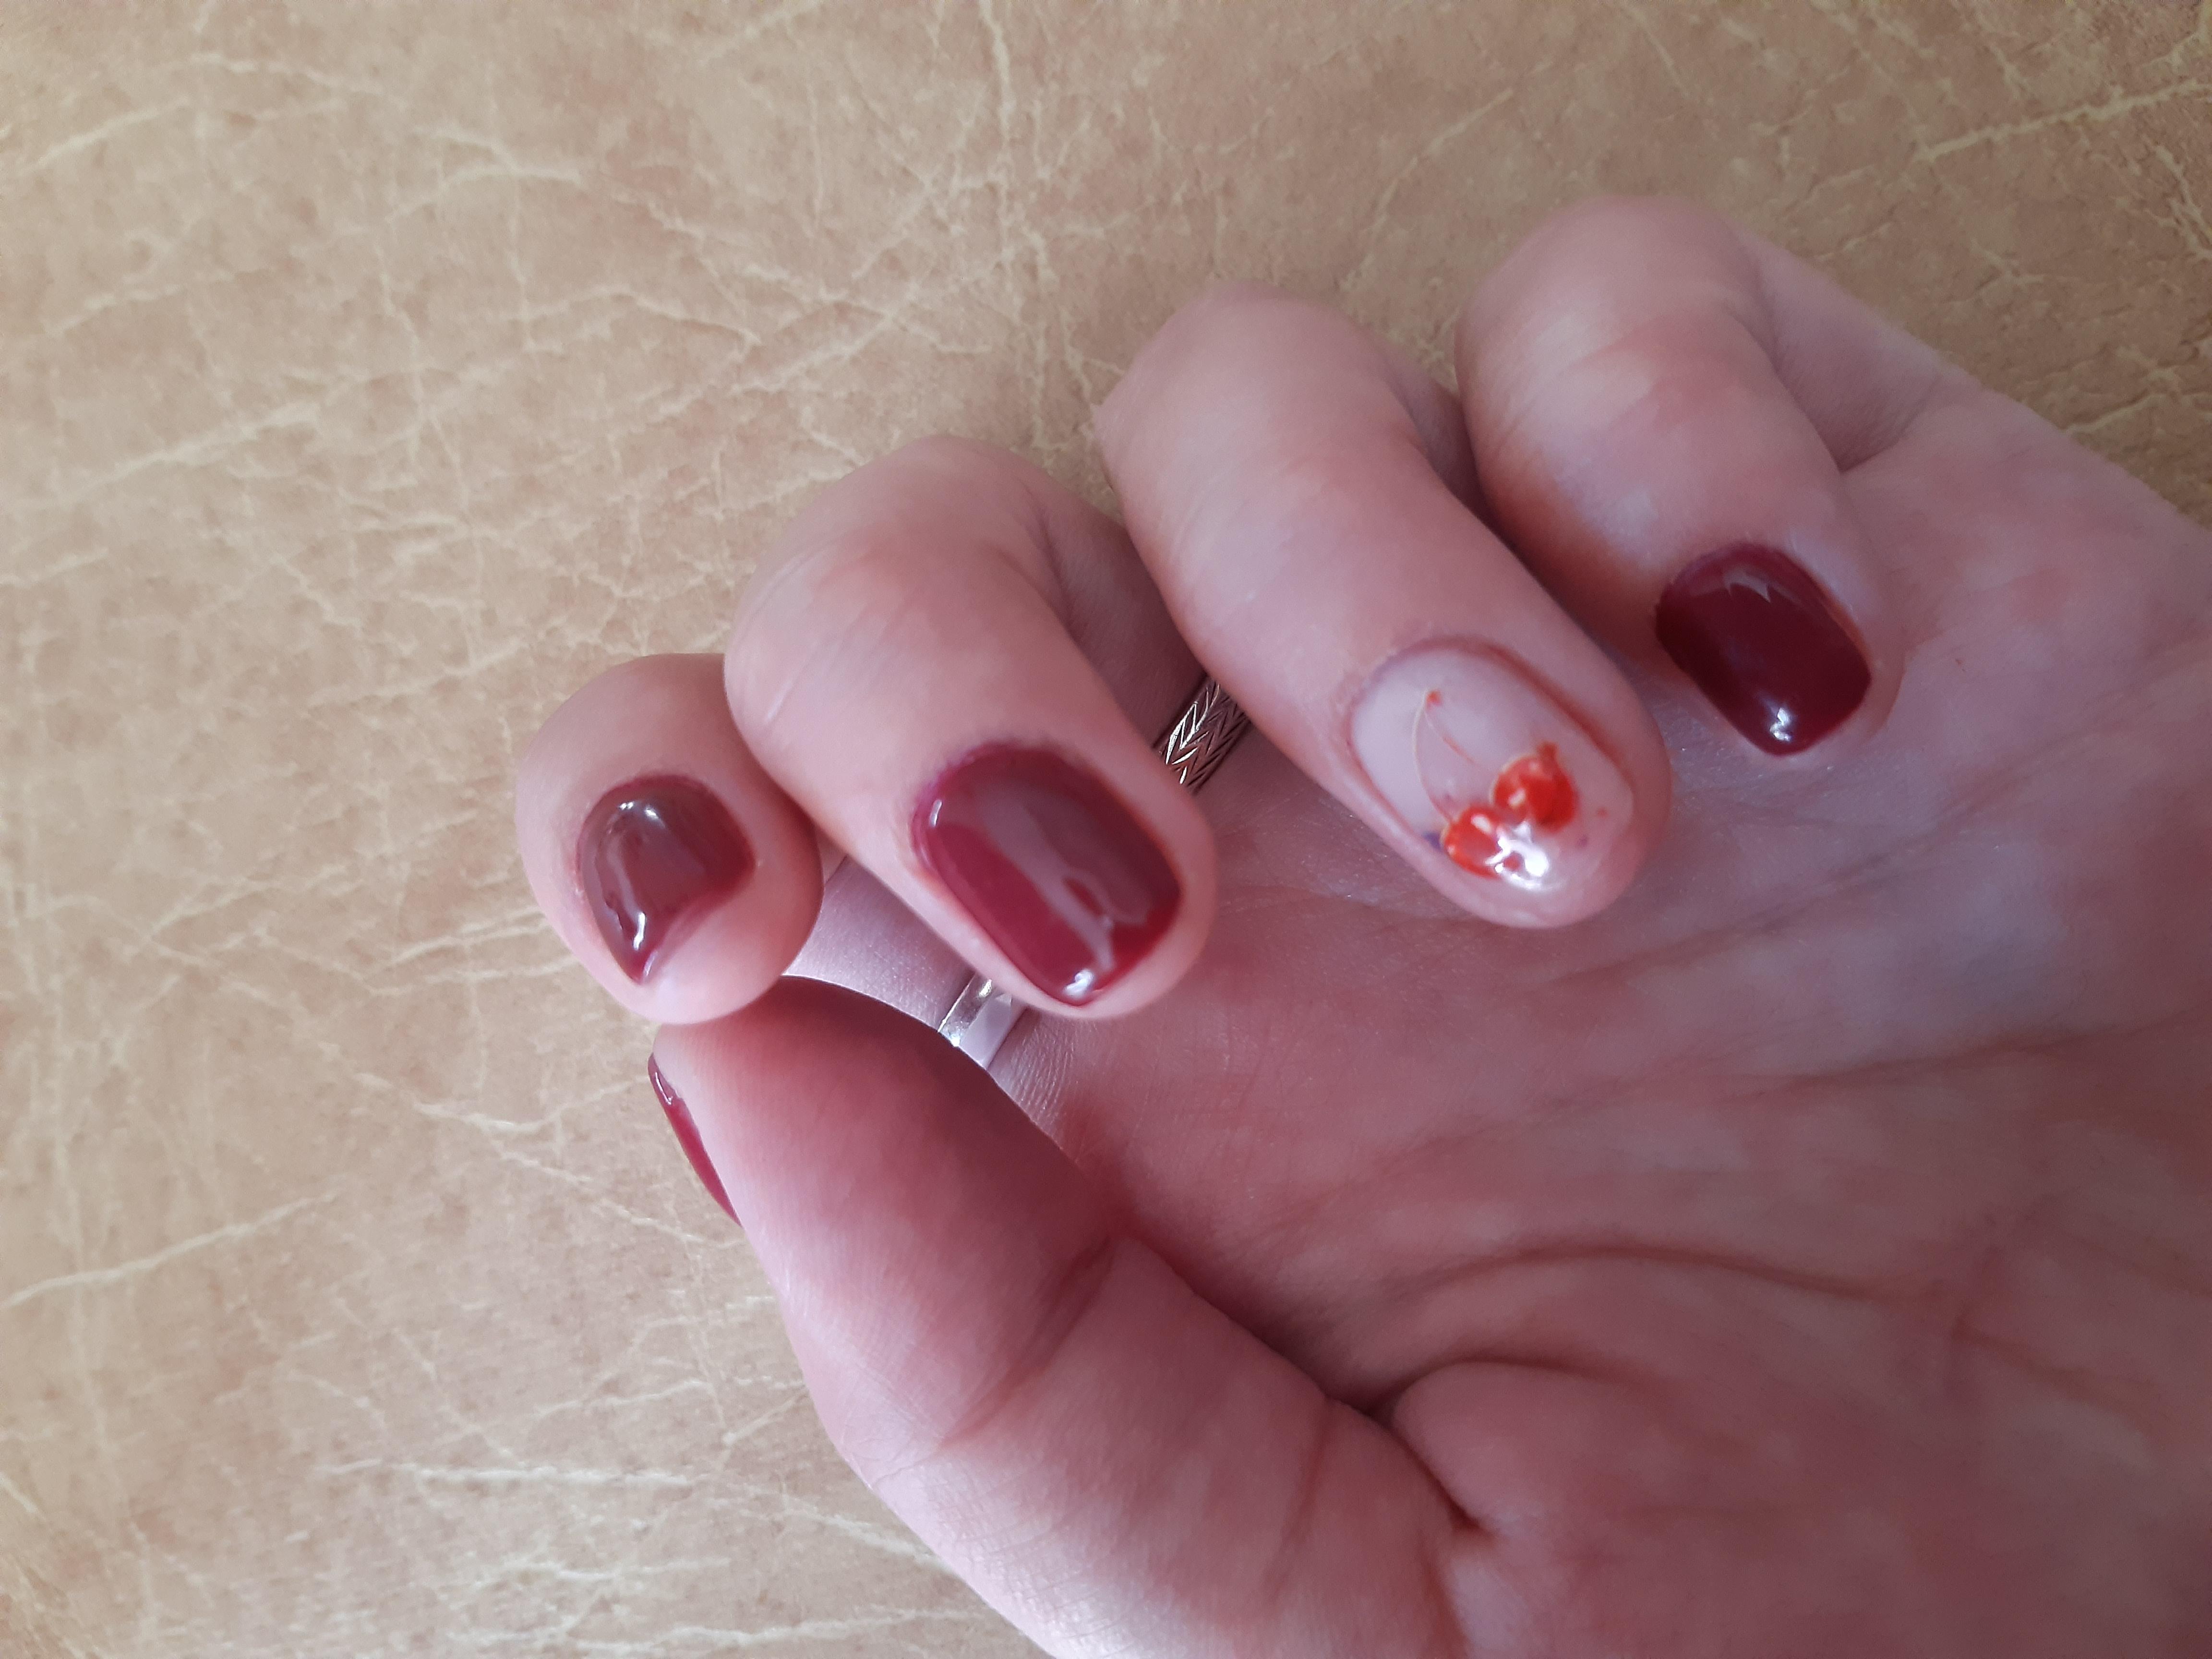 Маникюр с вишенкой в темно-красном цвете на короткие ногти.